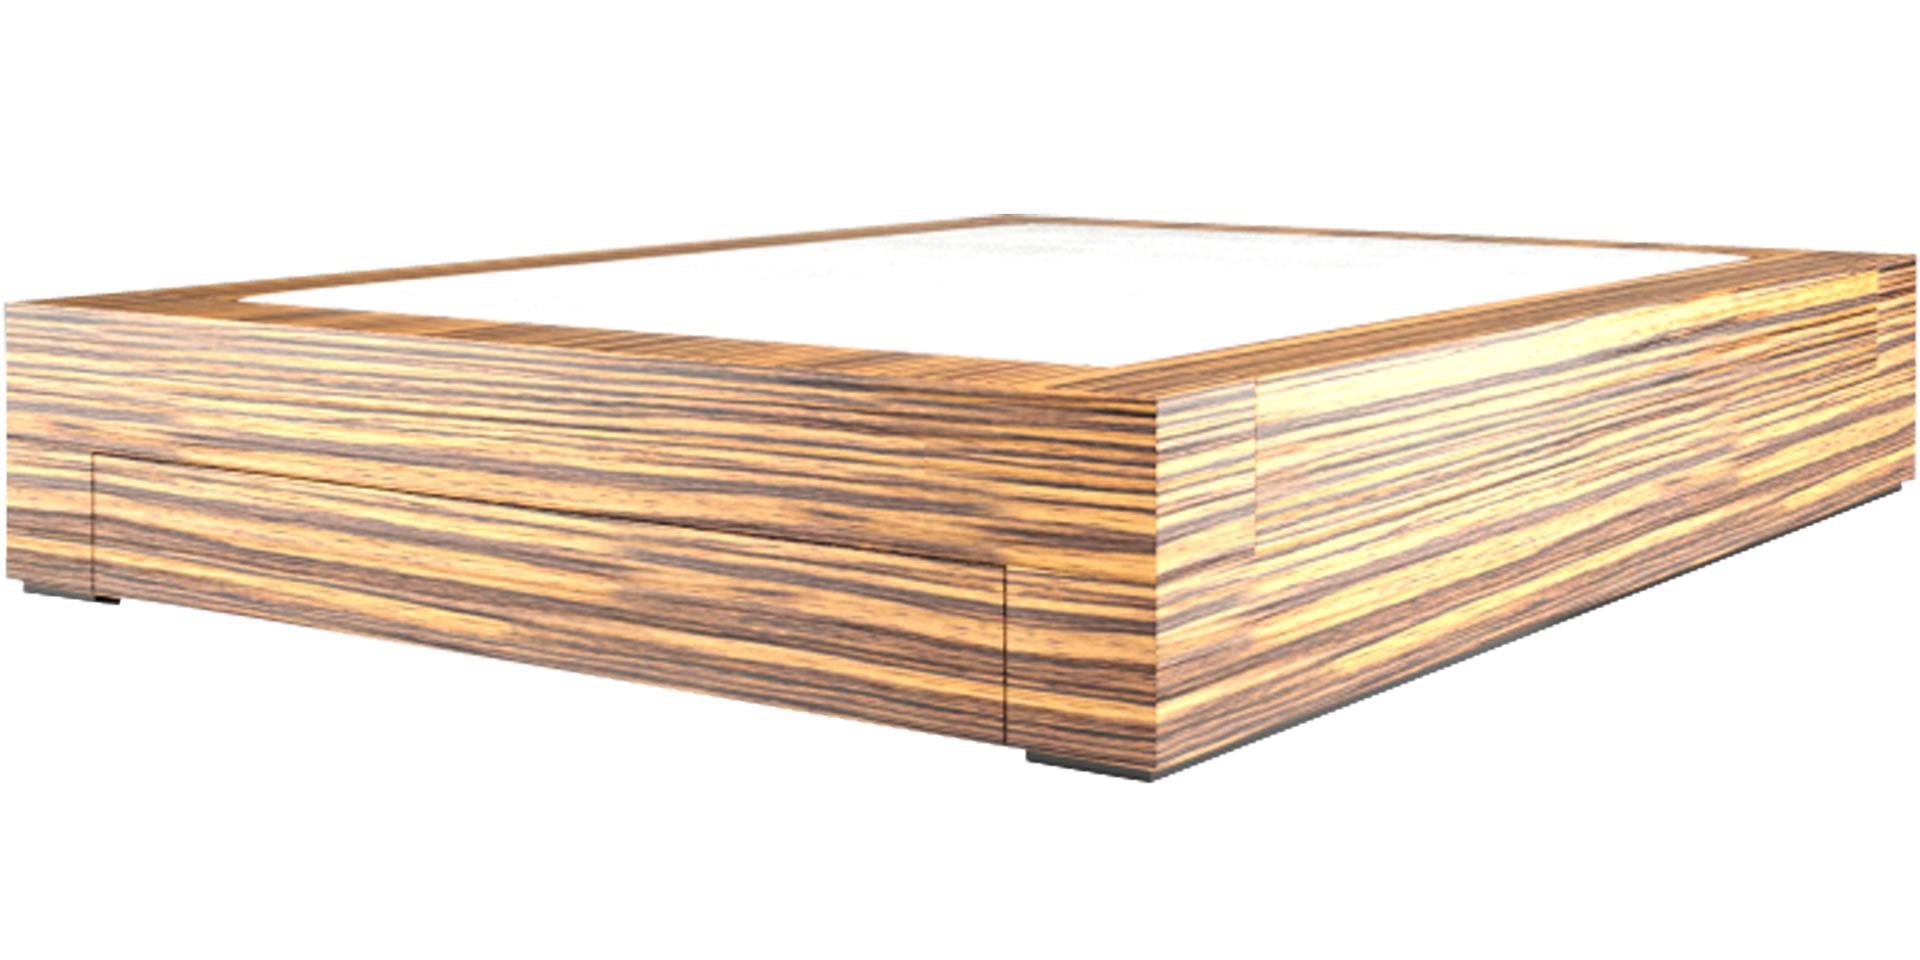 Full Size of Bett Design Holz Schlicht Betten Massivholz Somnium Mit Bettkasten Von Luxus 90x200 Weiß Schubladen Buche 200x220 Bette Duschwanne Halbhohes Boxspring Wohnzimmer Bett Design Holz